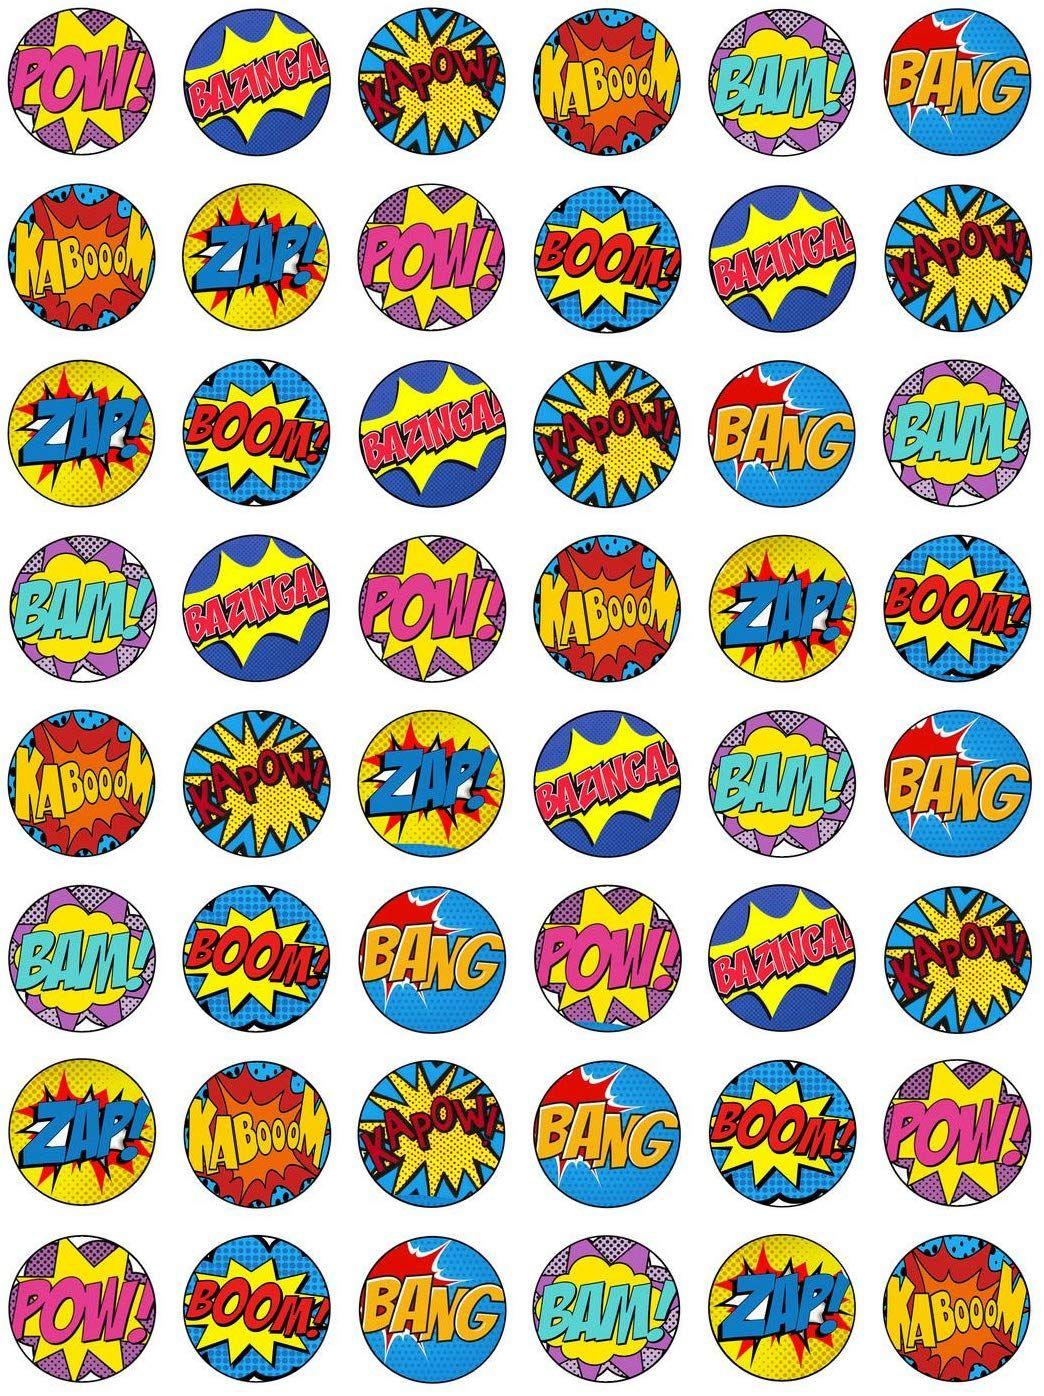 48 edible wafer paper superhero retro pow zap comic book